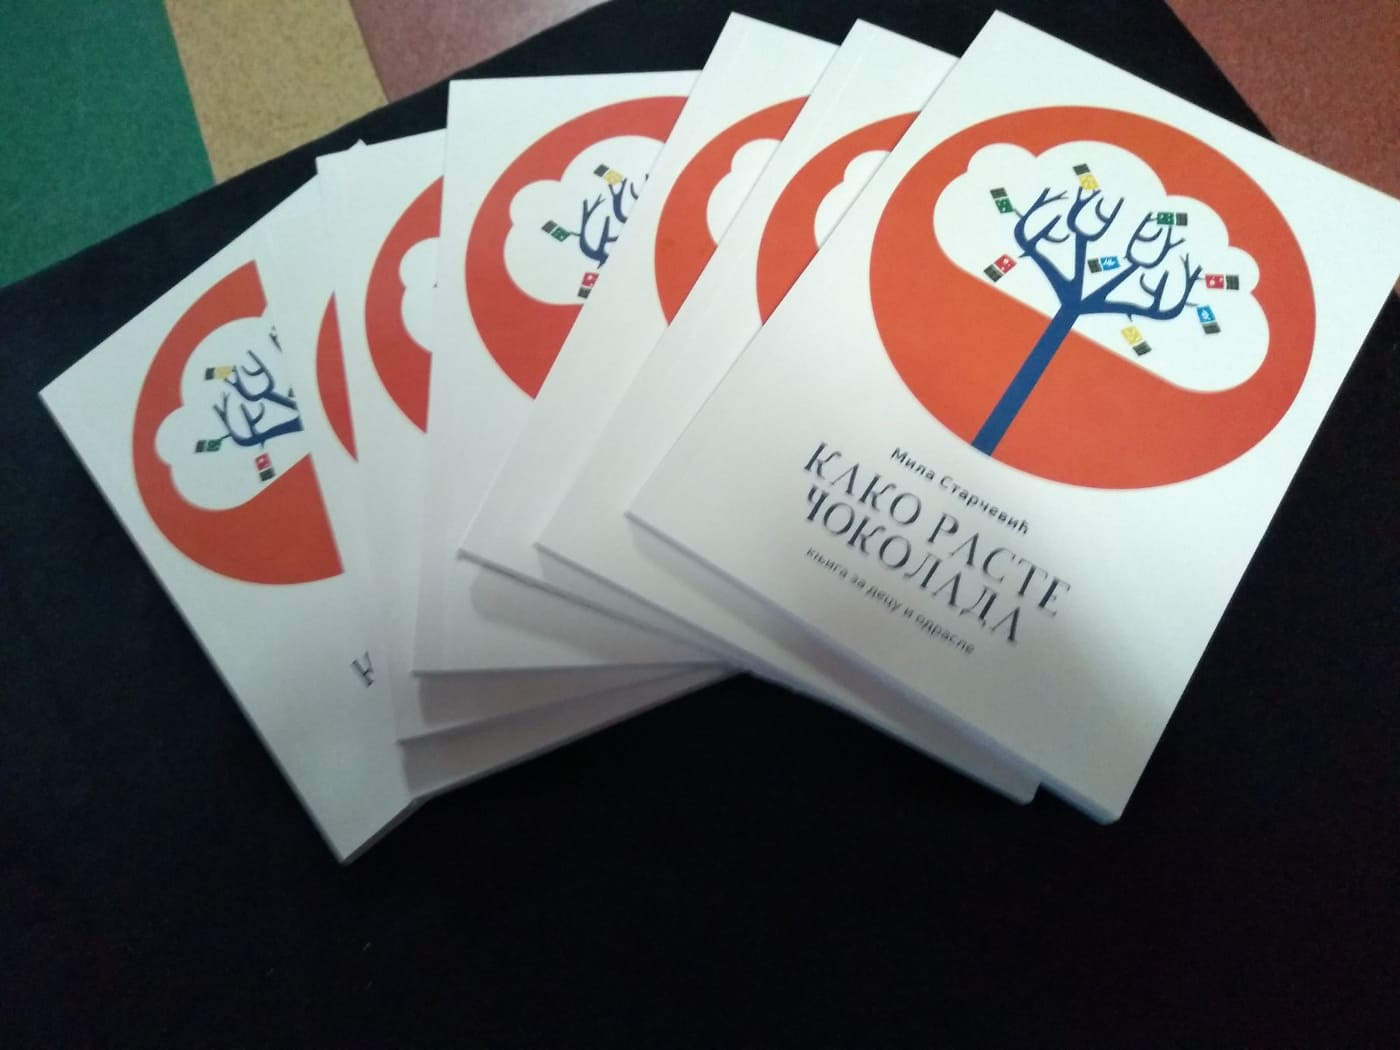 Промоција књиге Миле Старчевић у нашој школи